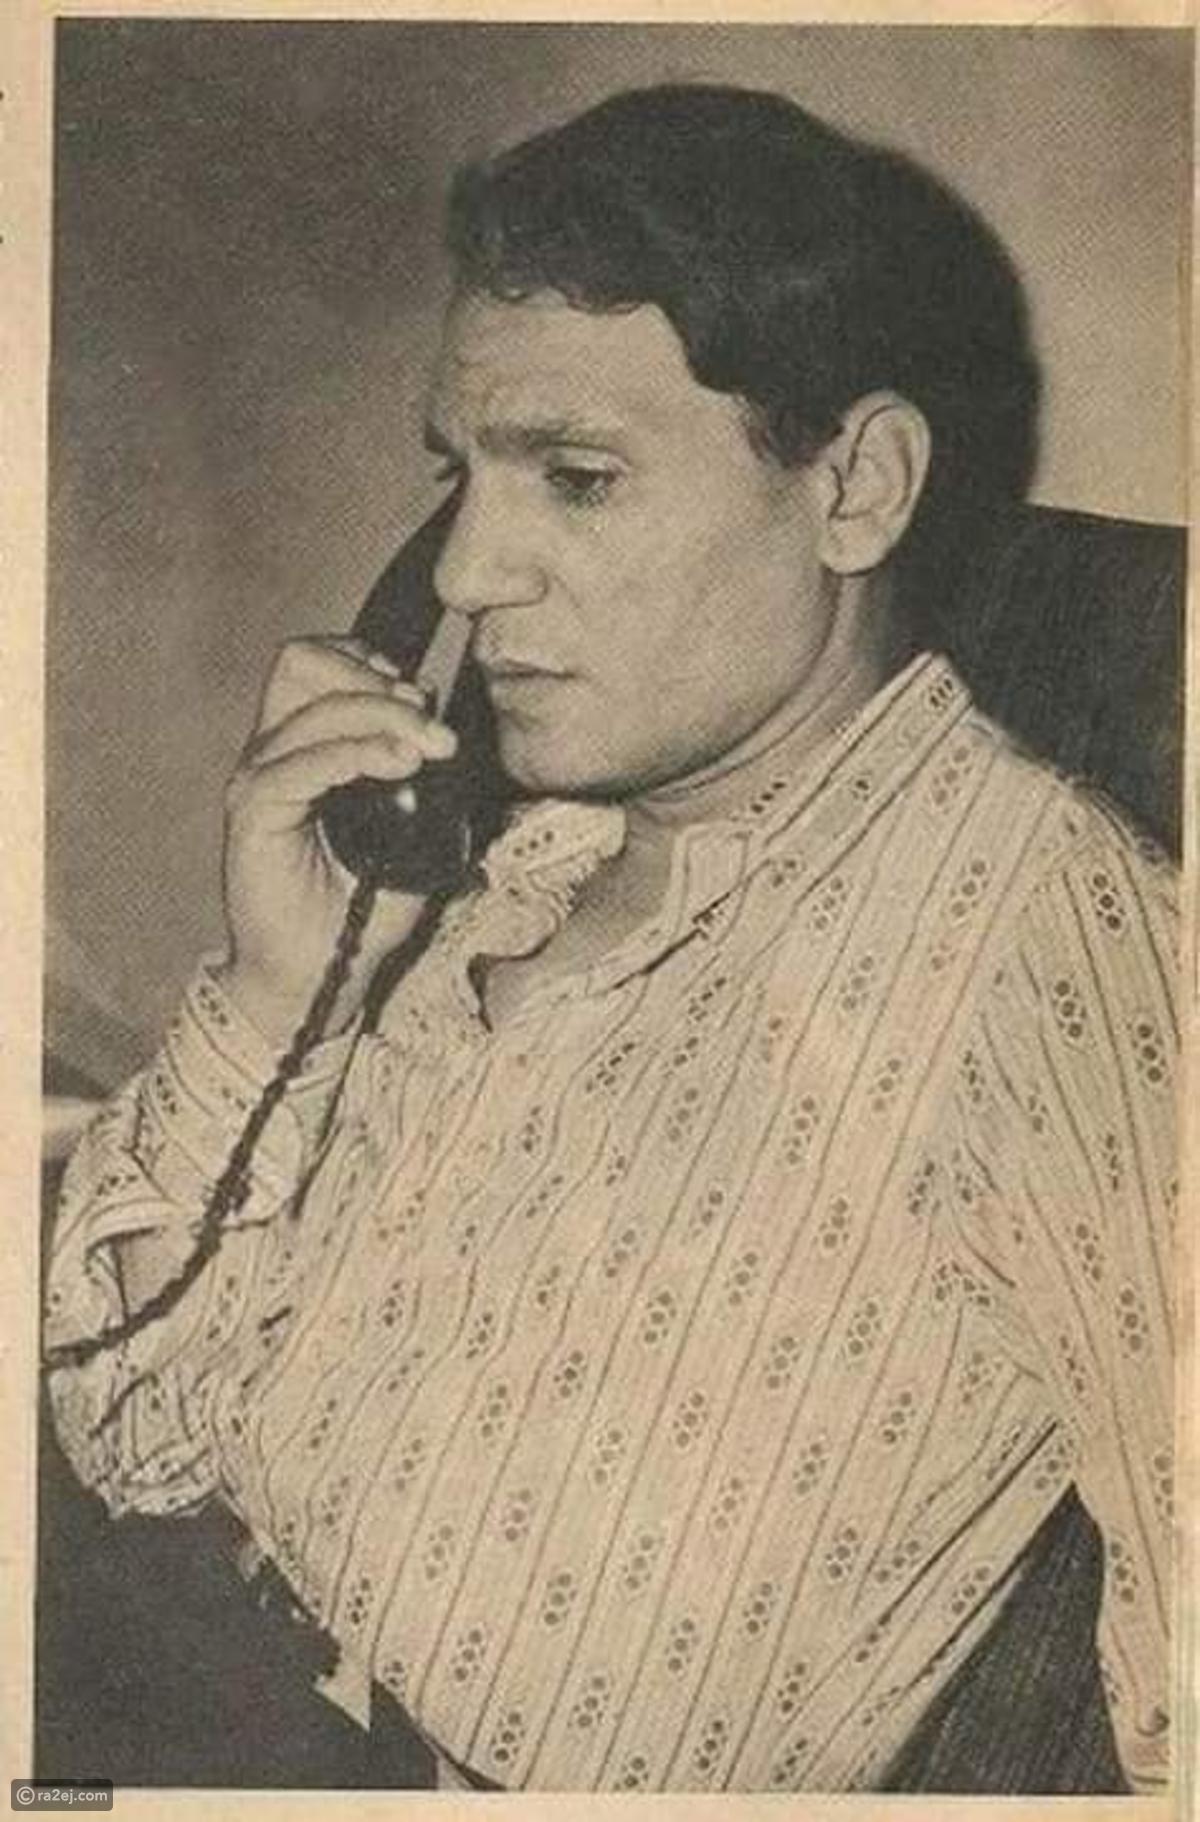 أسرار عبد الحليم حافظ على التليفون - رائج